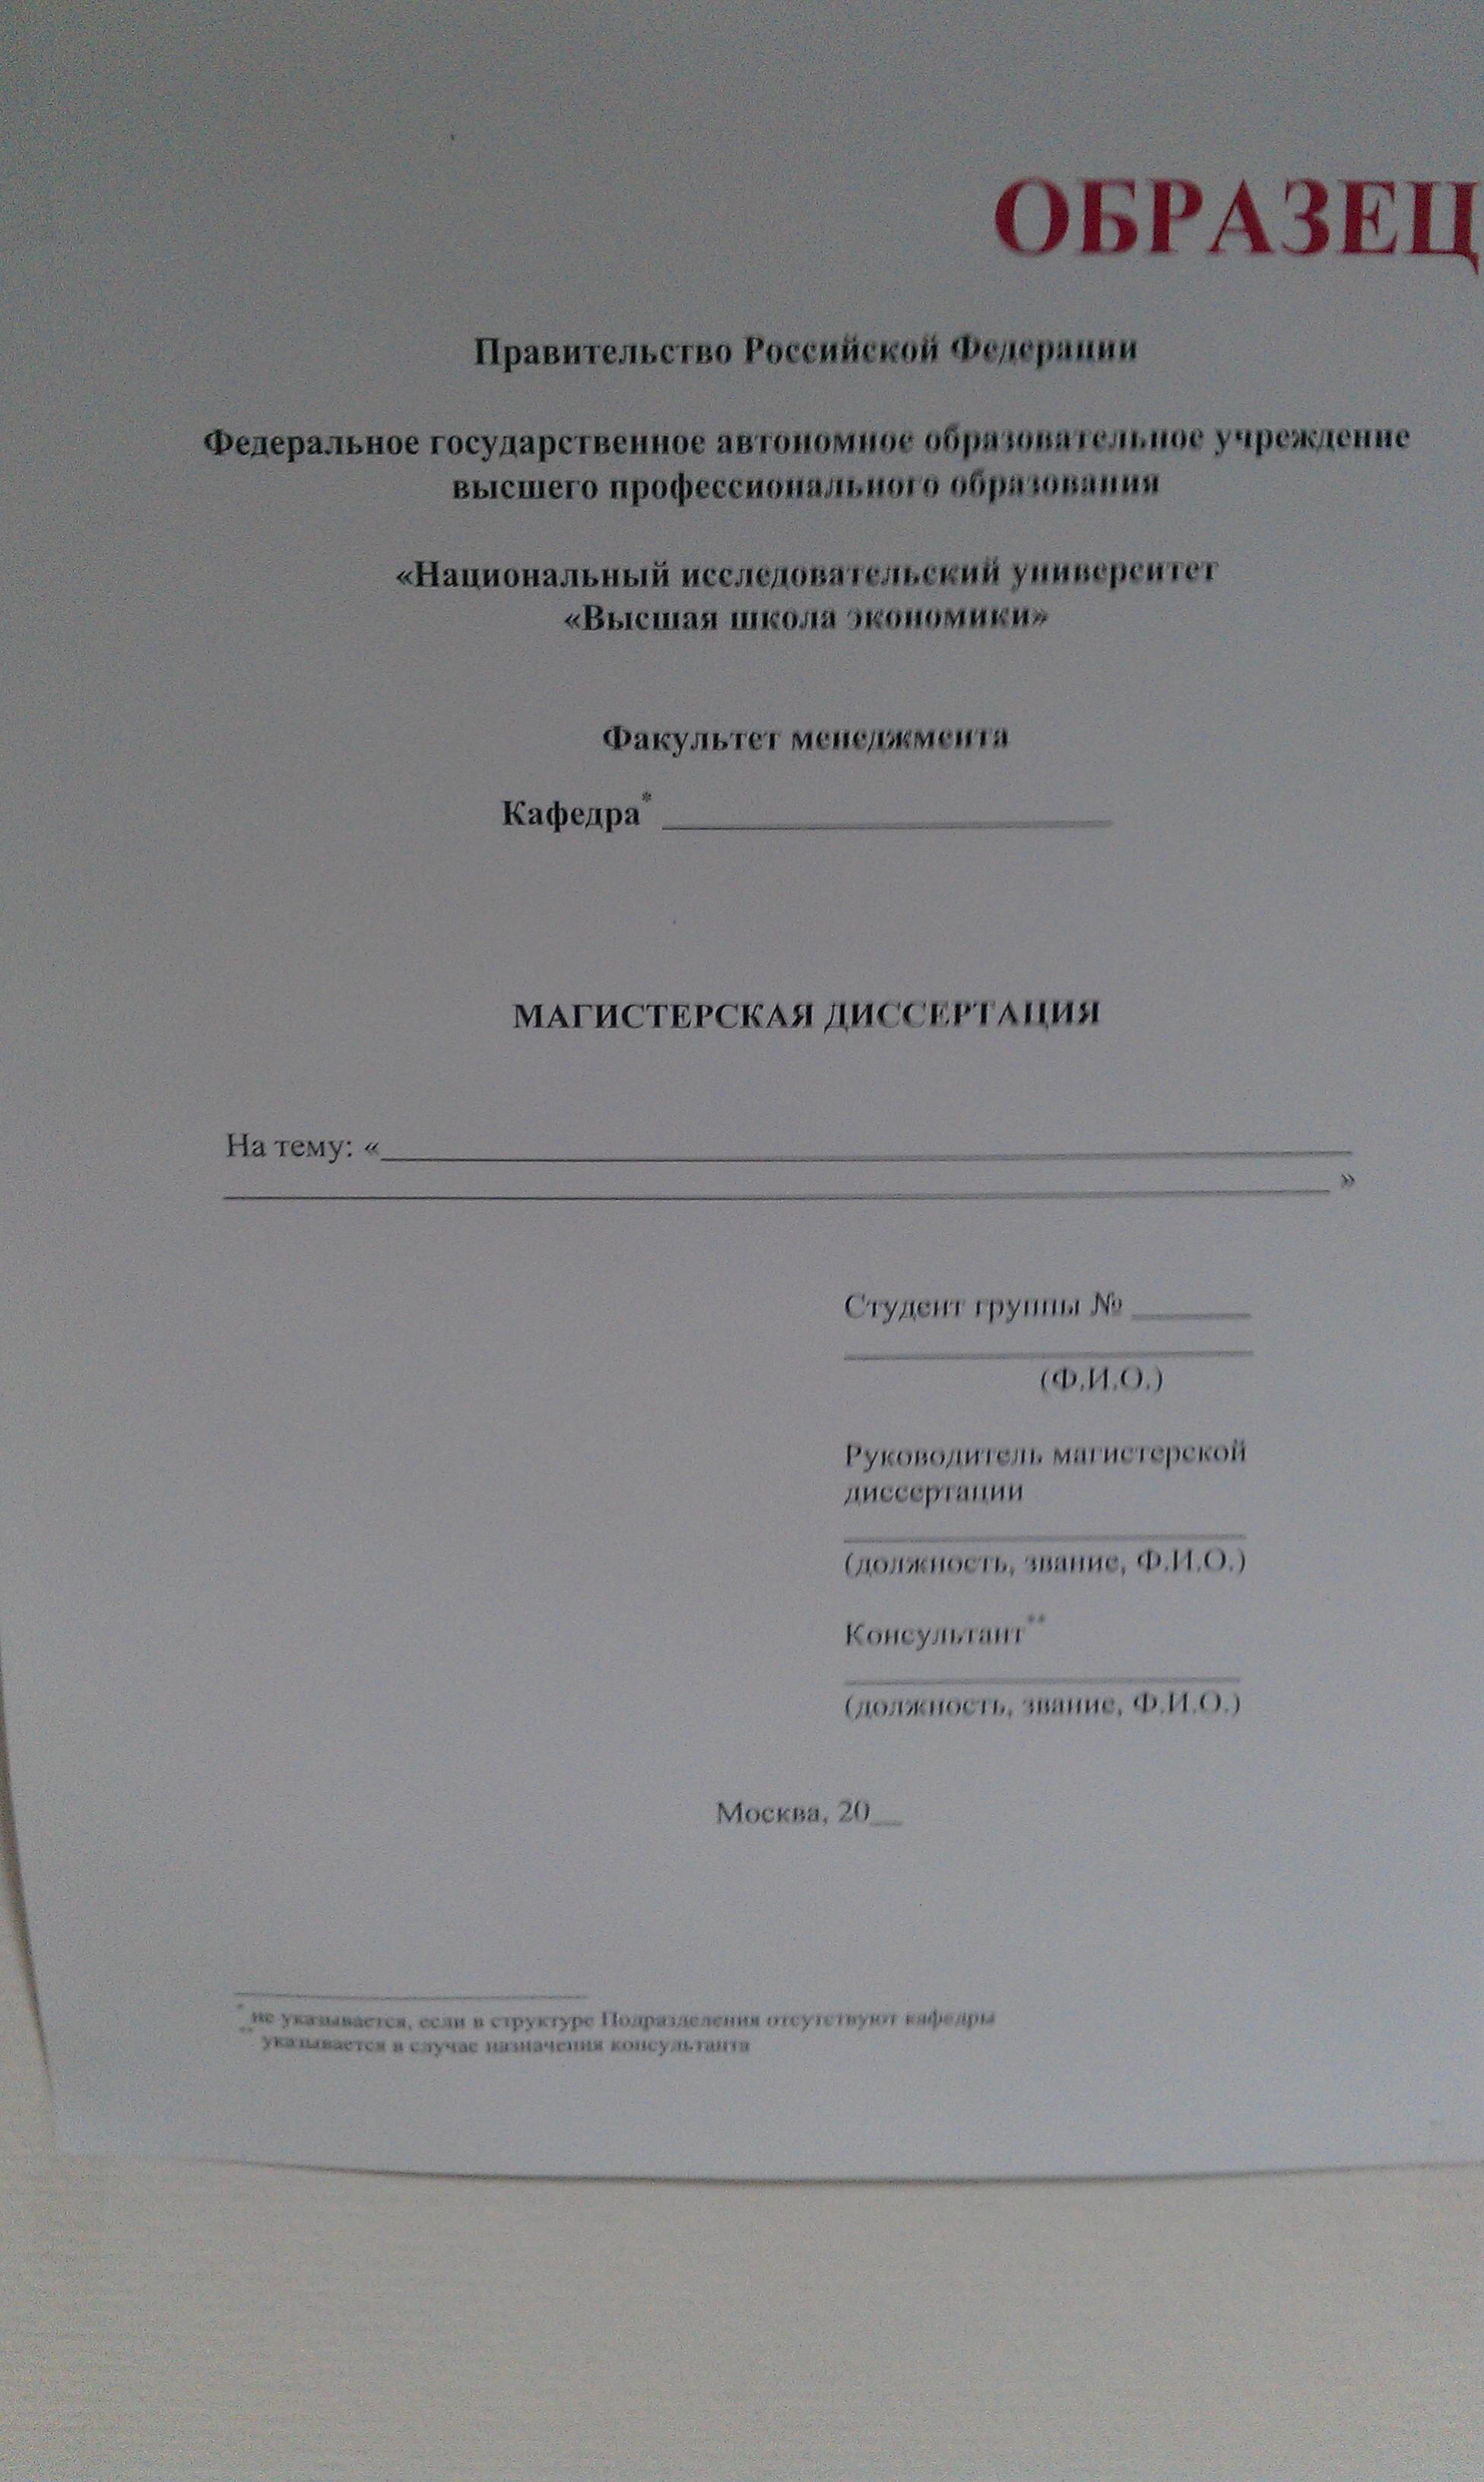 Образец оформления титульного листа ВКР и магистерской диссертации   магистерской диссертации Образец 1 Образец 2